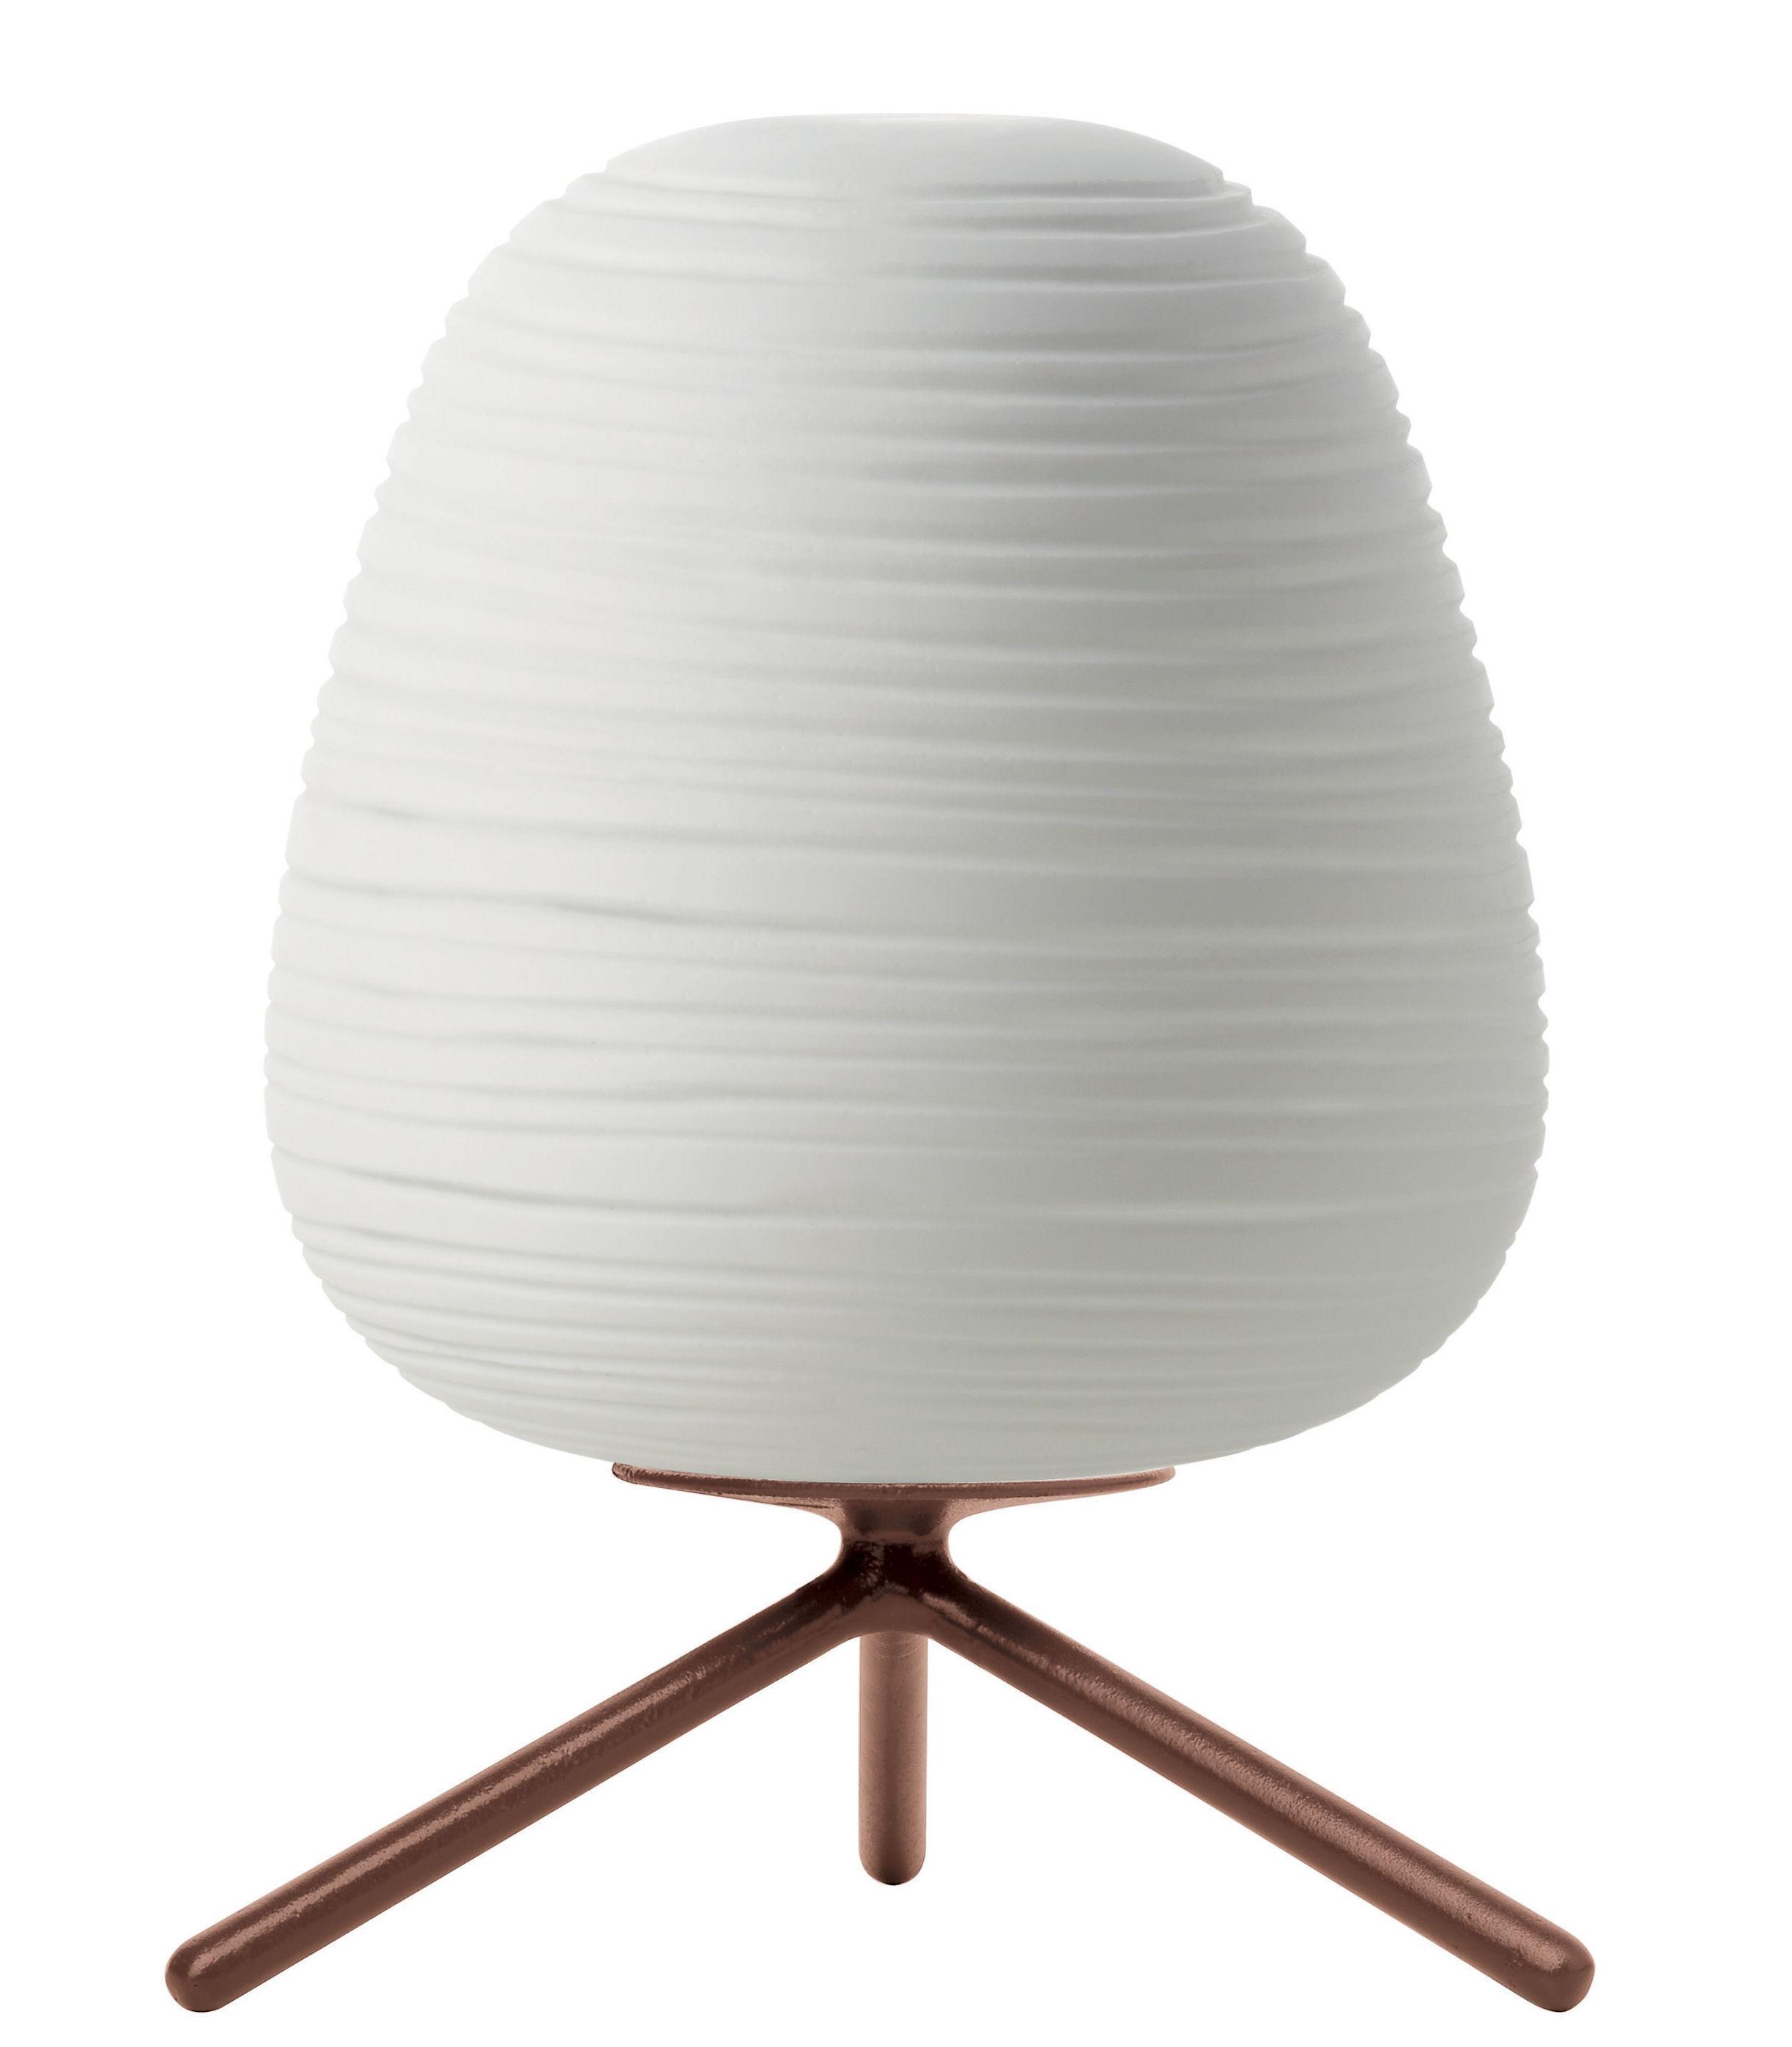 Illuminazione - Lampade da tavolo - Lampada da tavolo Rituals 3 - / Ø 20 x H 27 cm di Foscarini - Variatore / Bianco - Vetro soffiato a bocca